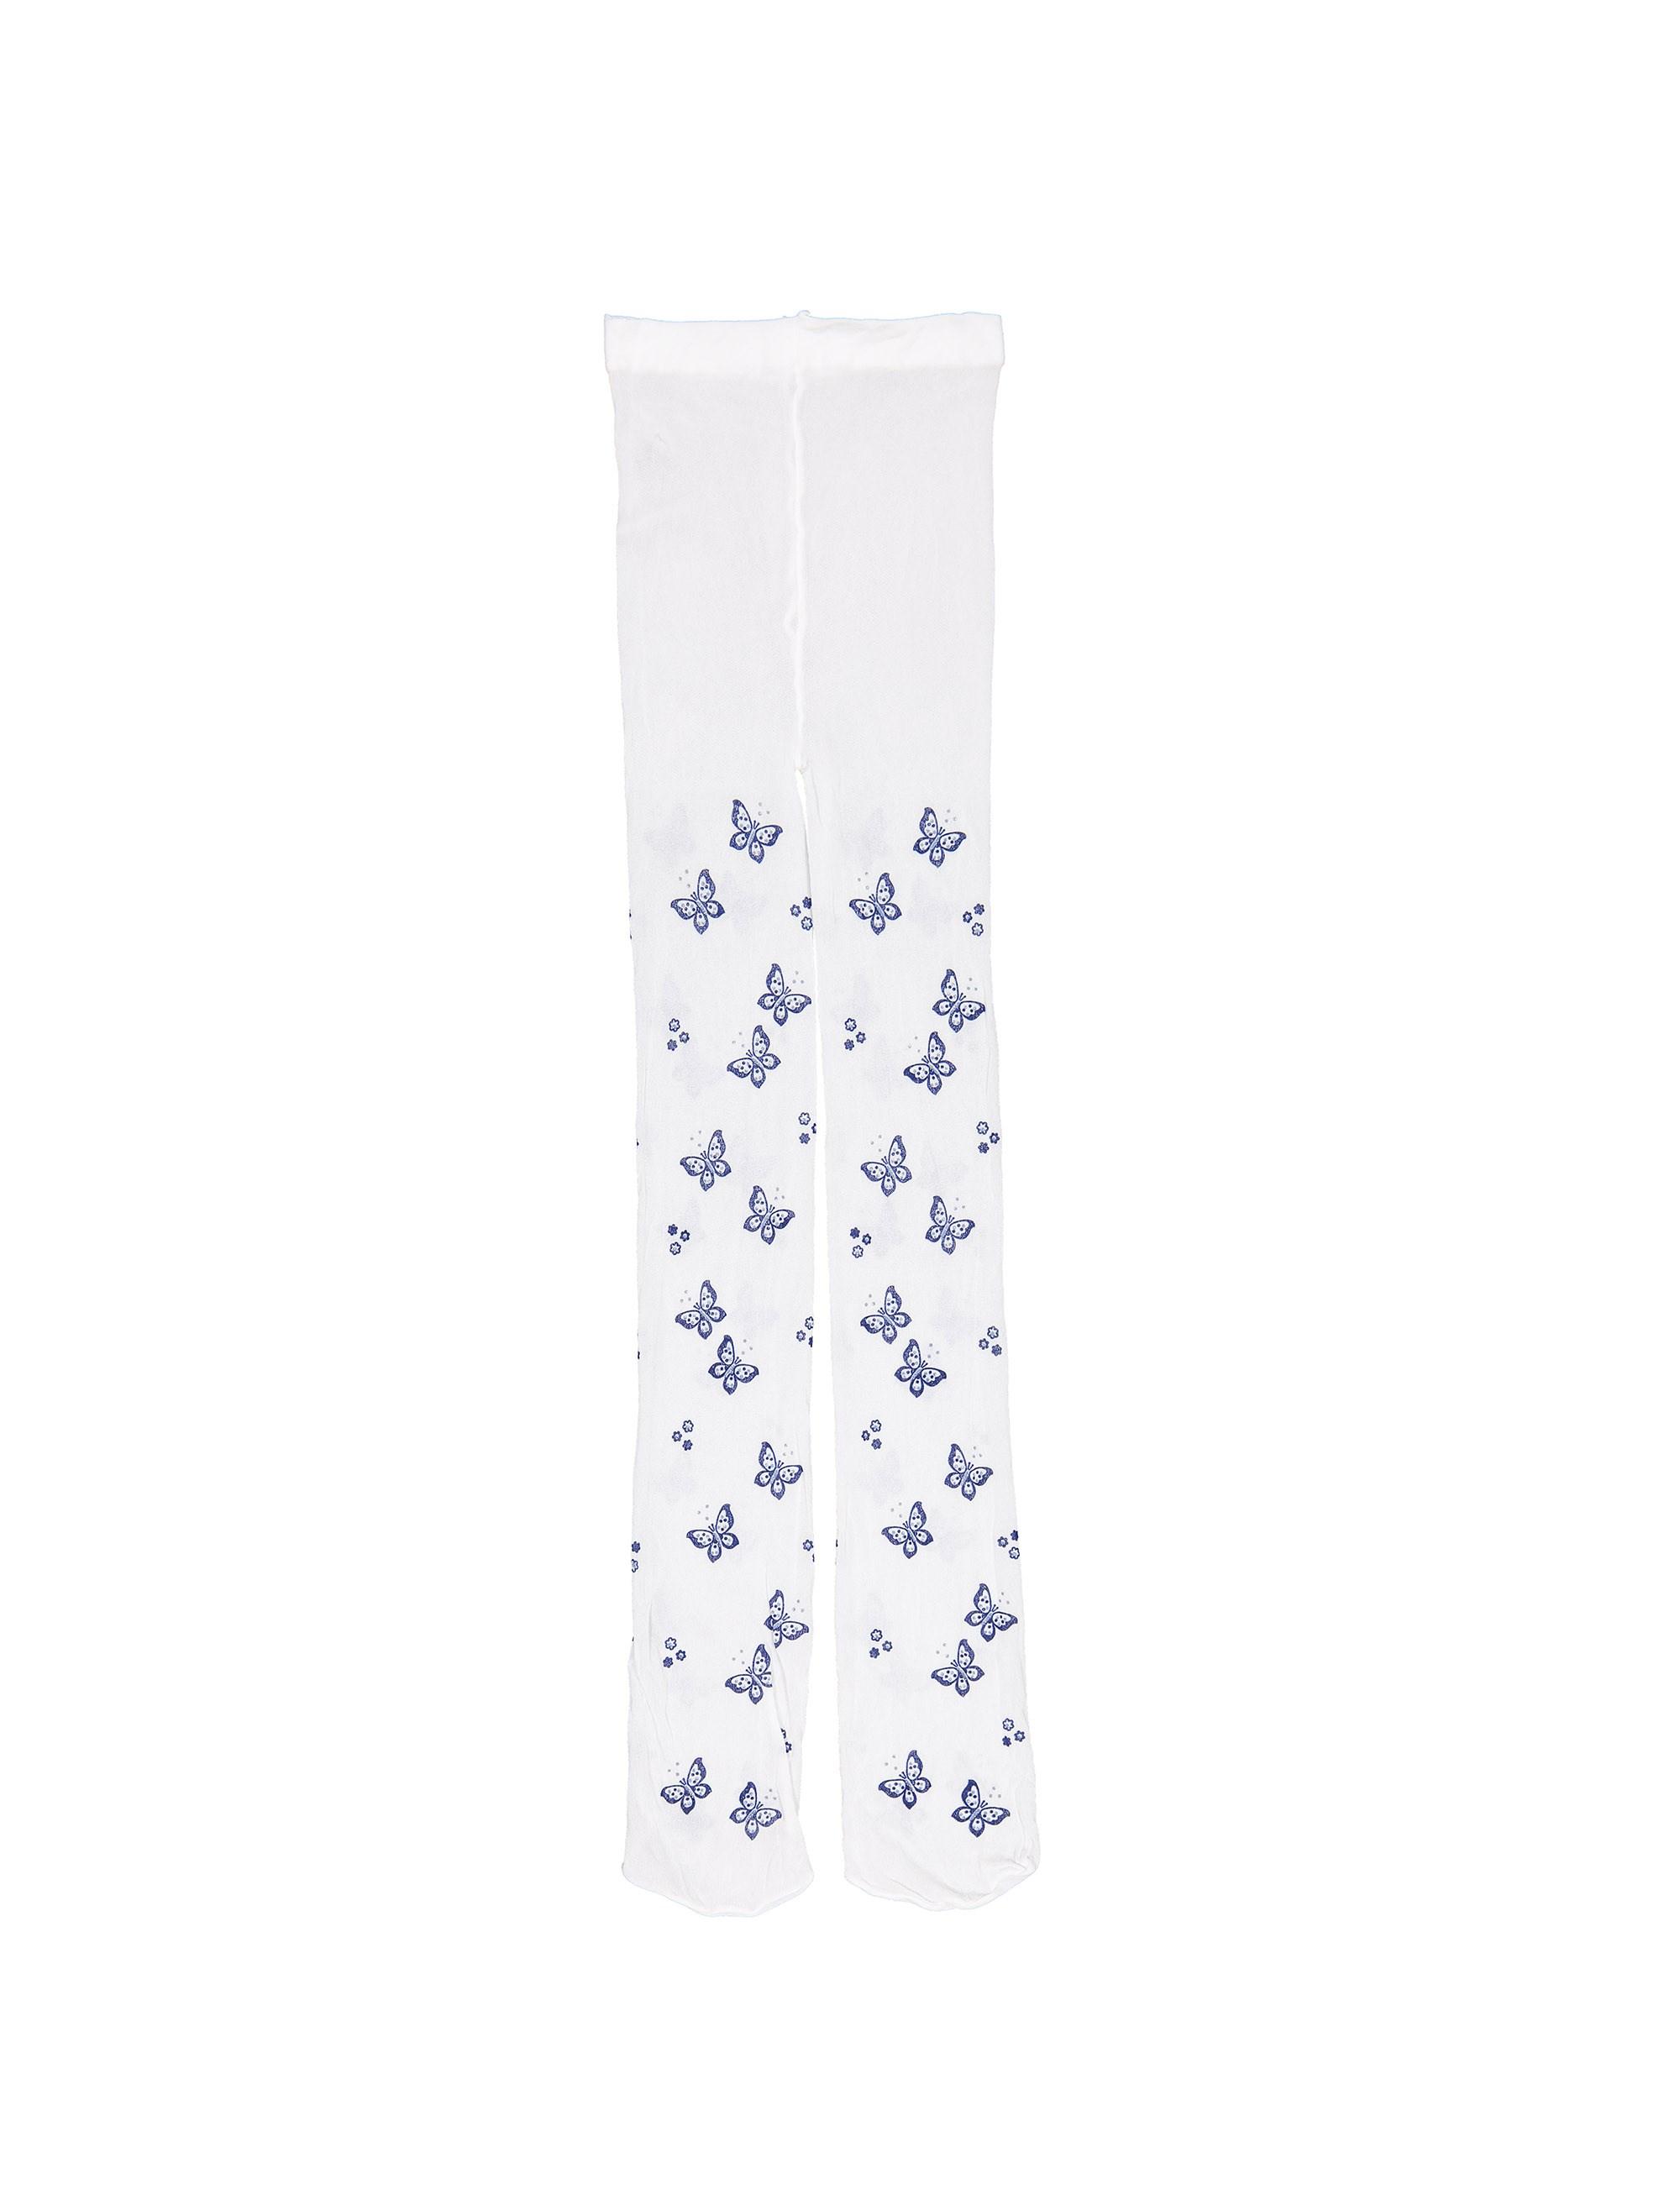 جوراب شلواری طرح دار دخترانه - بلوکیدز - سفيد - 1